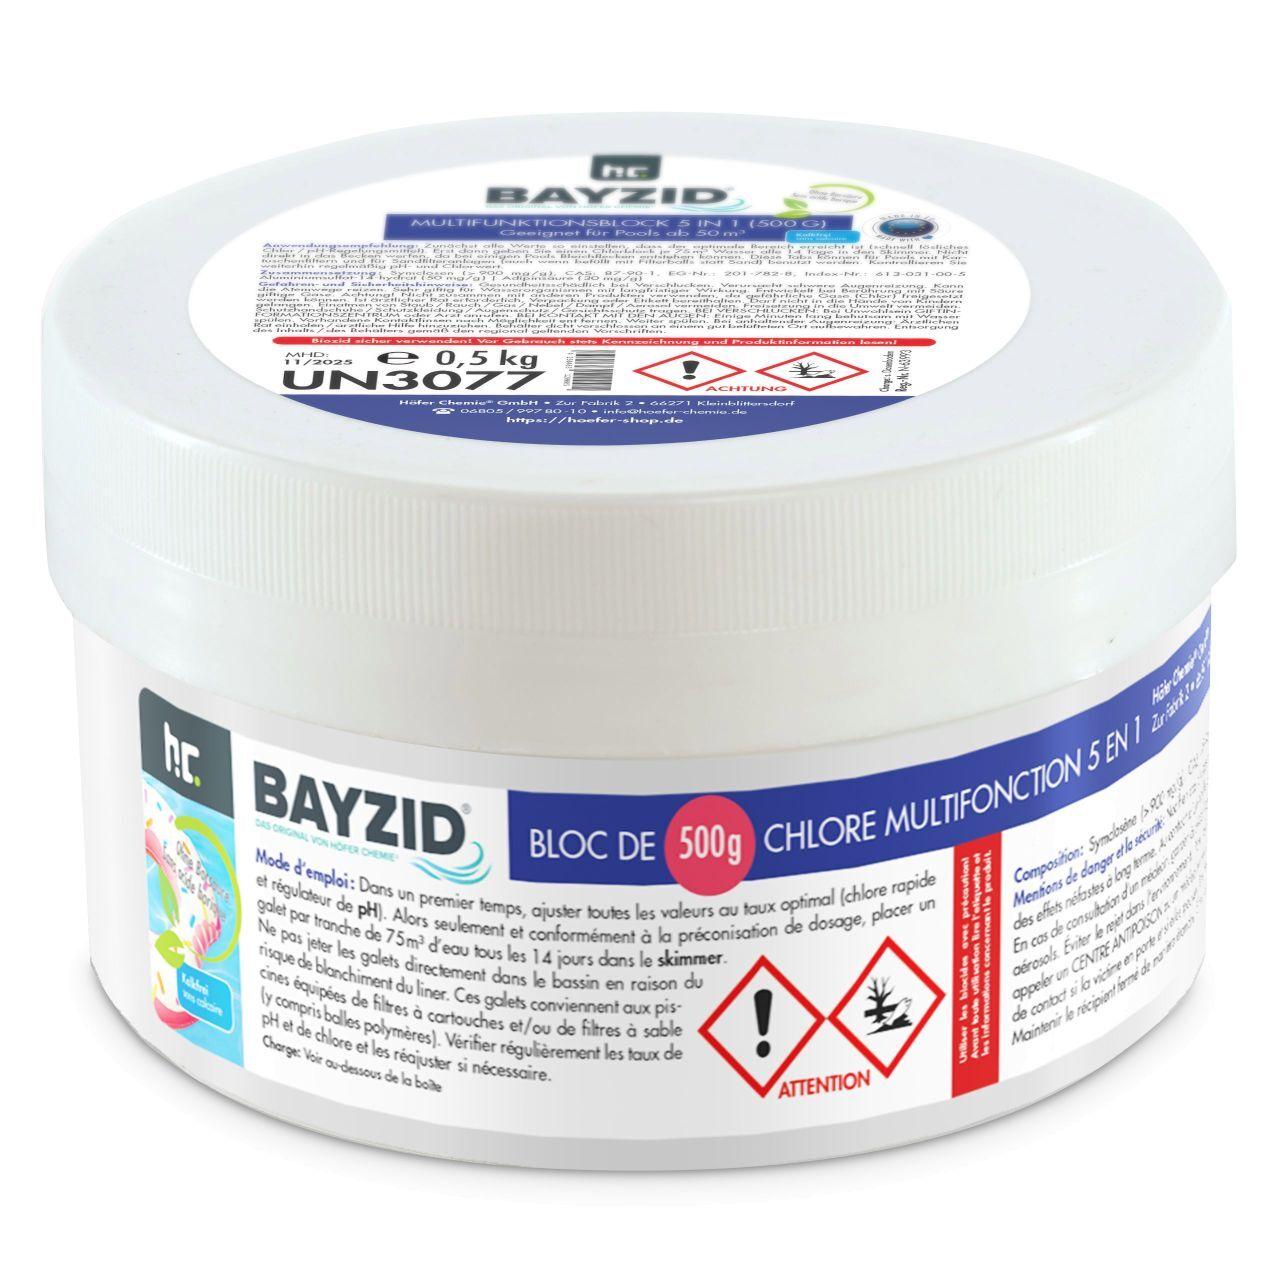 BAYZID 0,5 kg Bayzid® Chlore multifonction, bloc de 500g (1 x 0.5 kg)